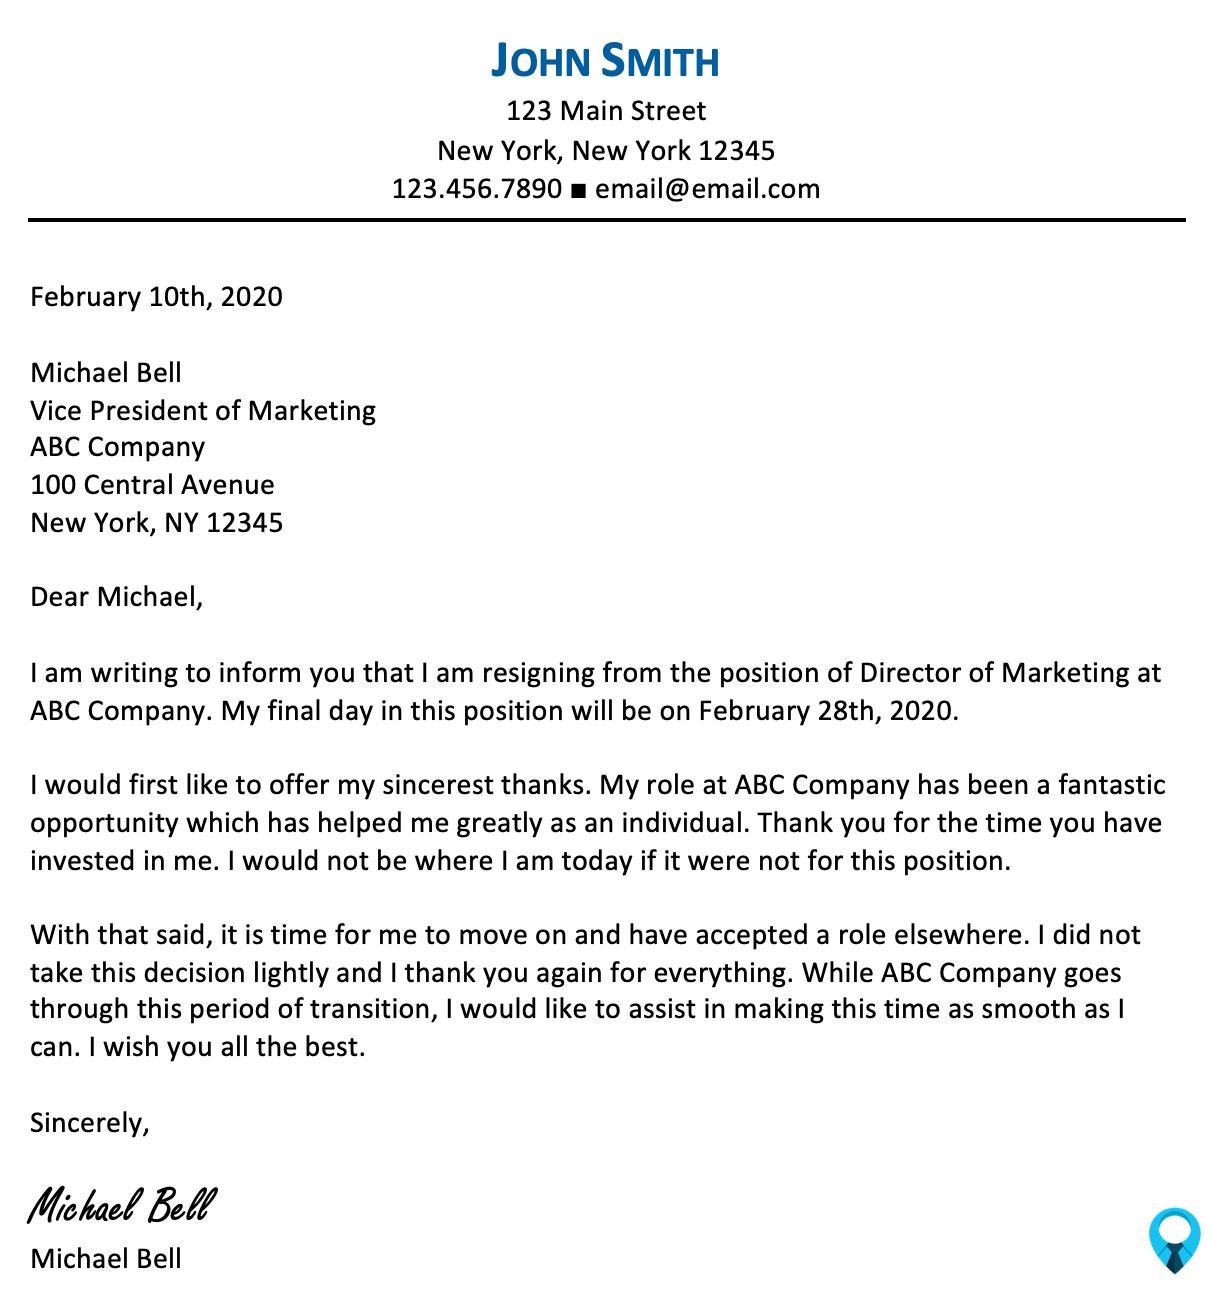 Sample Letter of Resignation